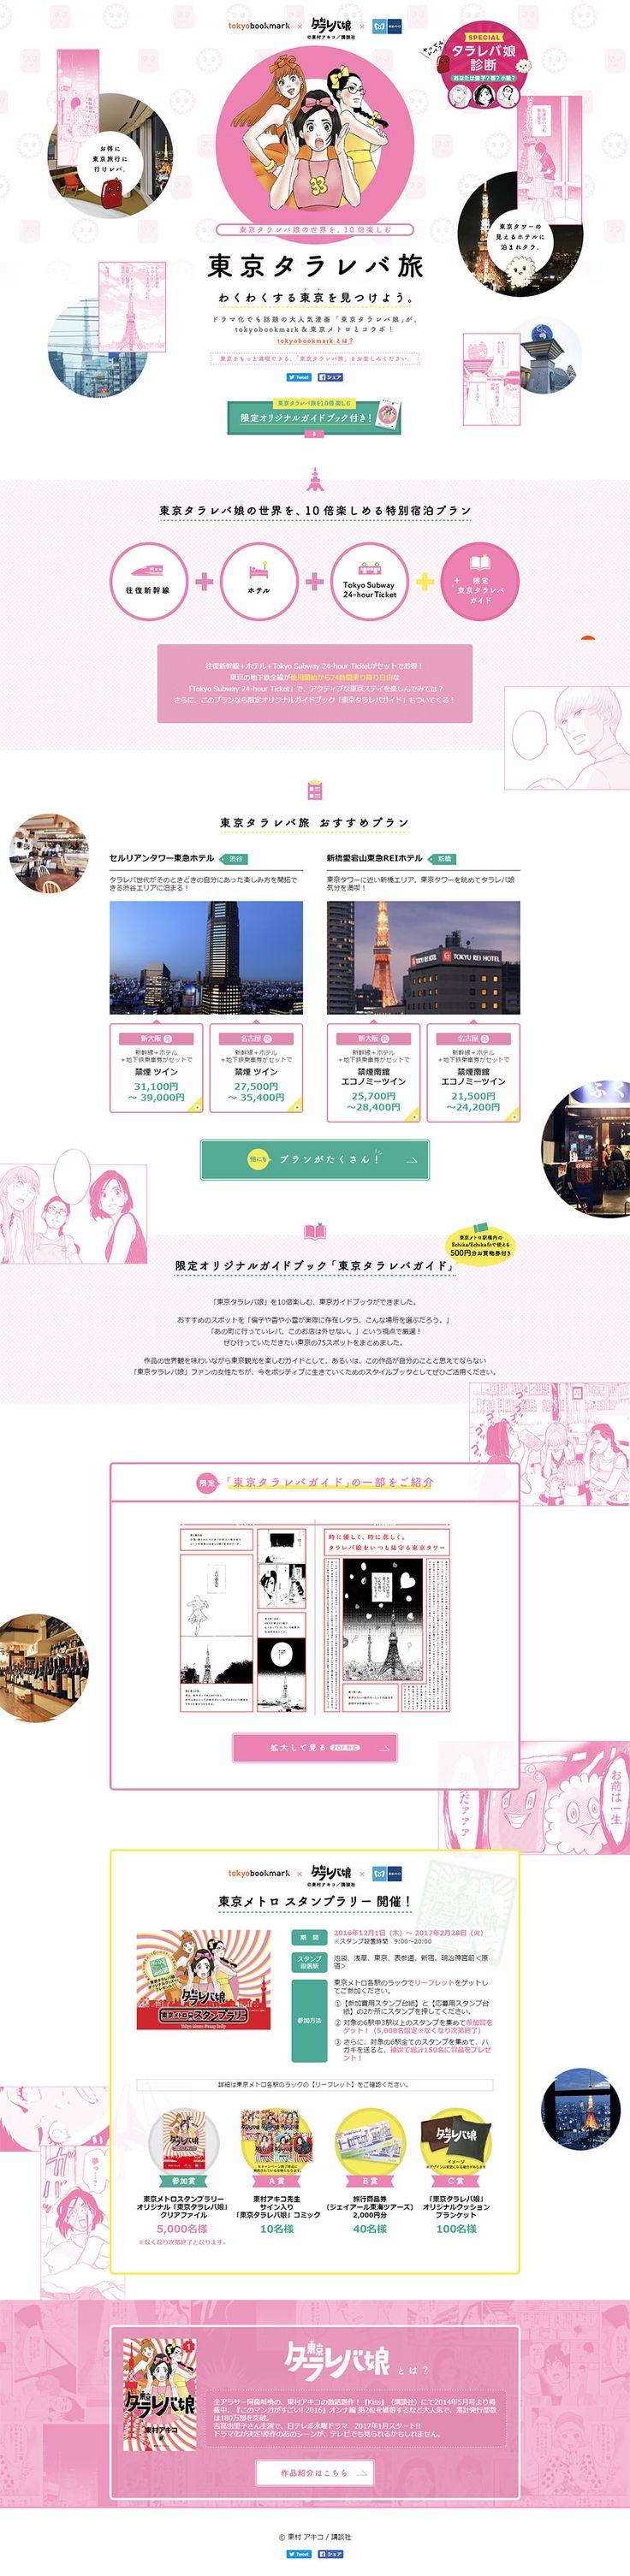 東京タラレバ旅【サービス関連】のLPデザイン。WEBデザイナーさん必見!ランディングページのデザイン参考に(かわいい系)